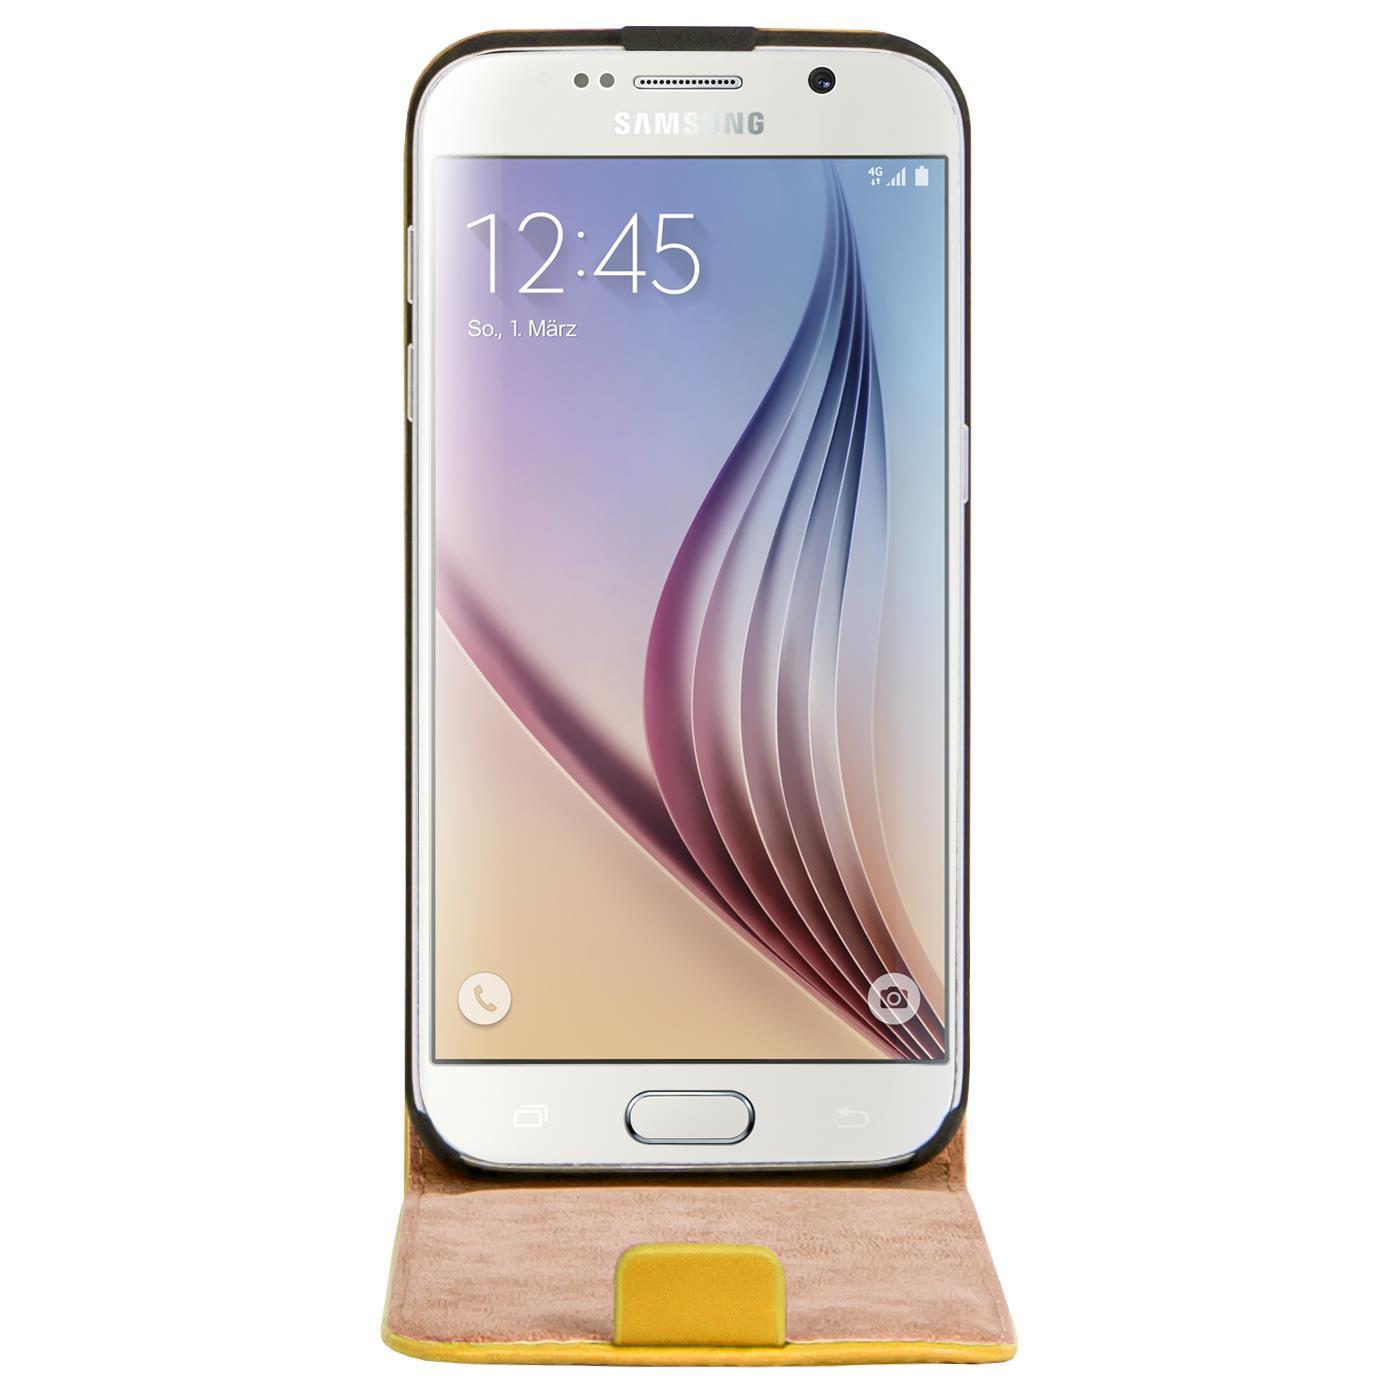 Klapphuelle-Samsung-Galaxy-Flip-Case-Tasche-Schutzhuelle-Cover-Schutz-Handy-Huelle Indexbild 46